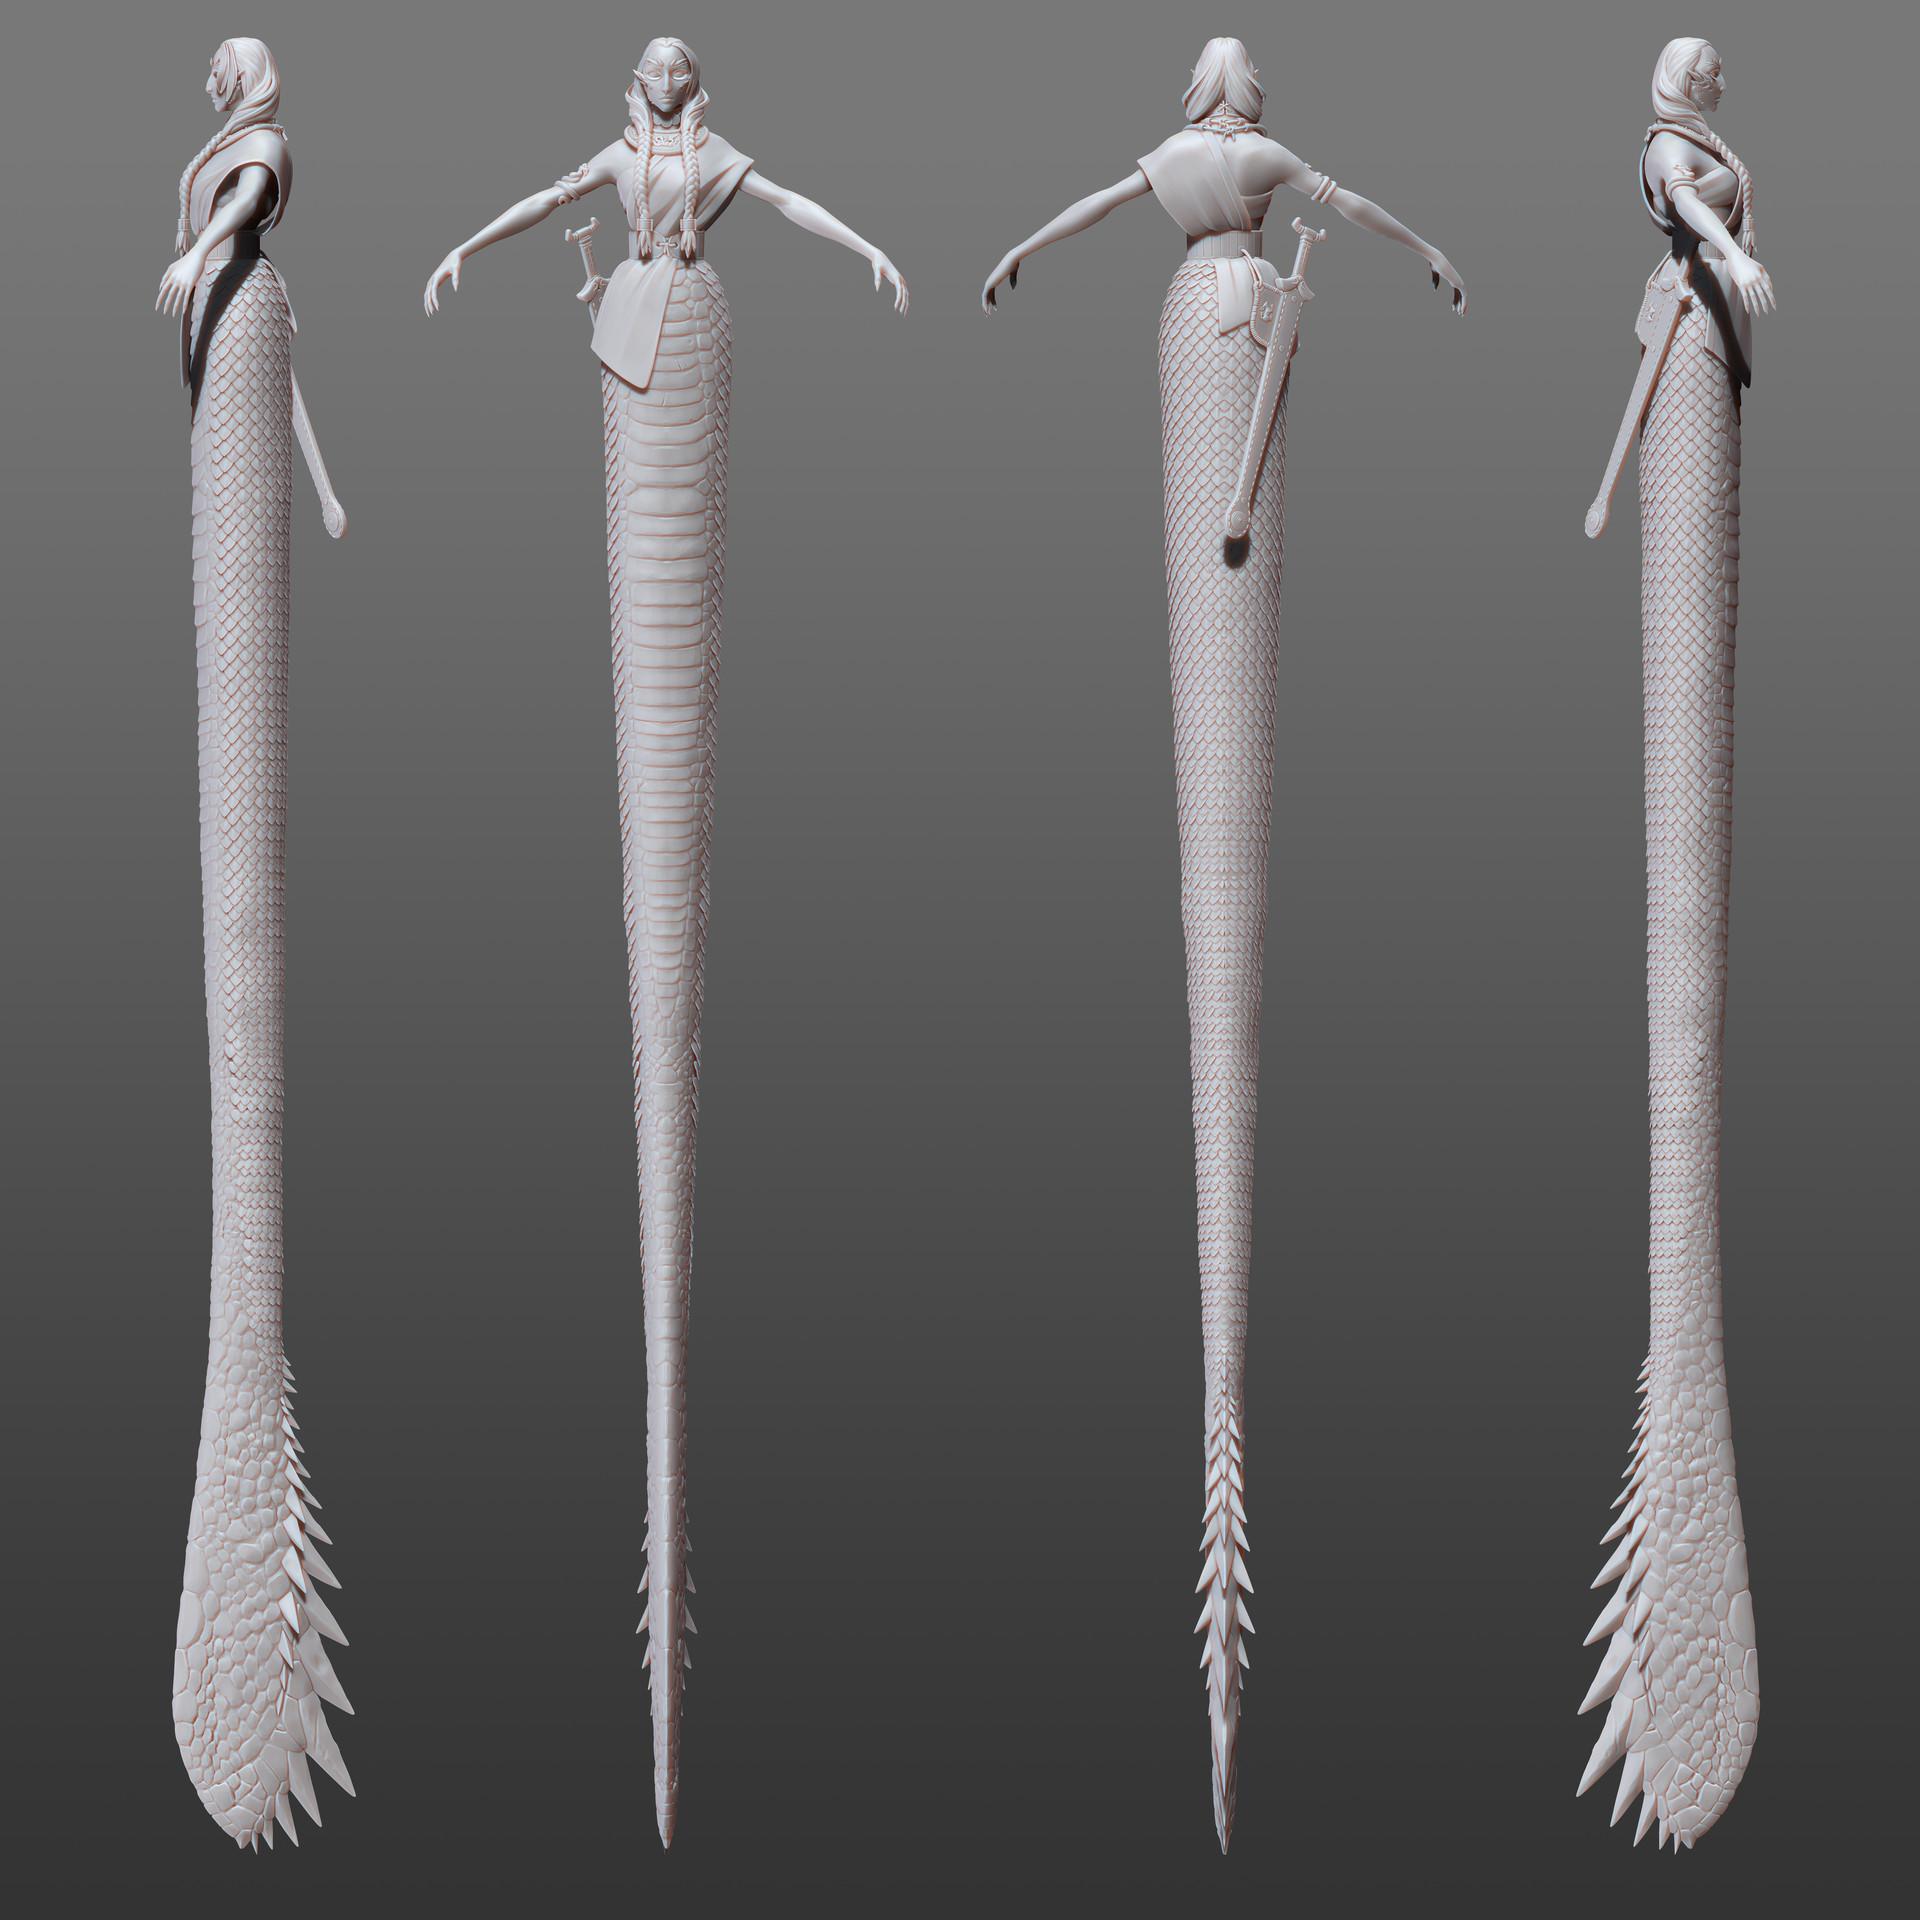 Alice jooren alicejooren sculpt turnabout